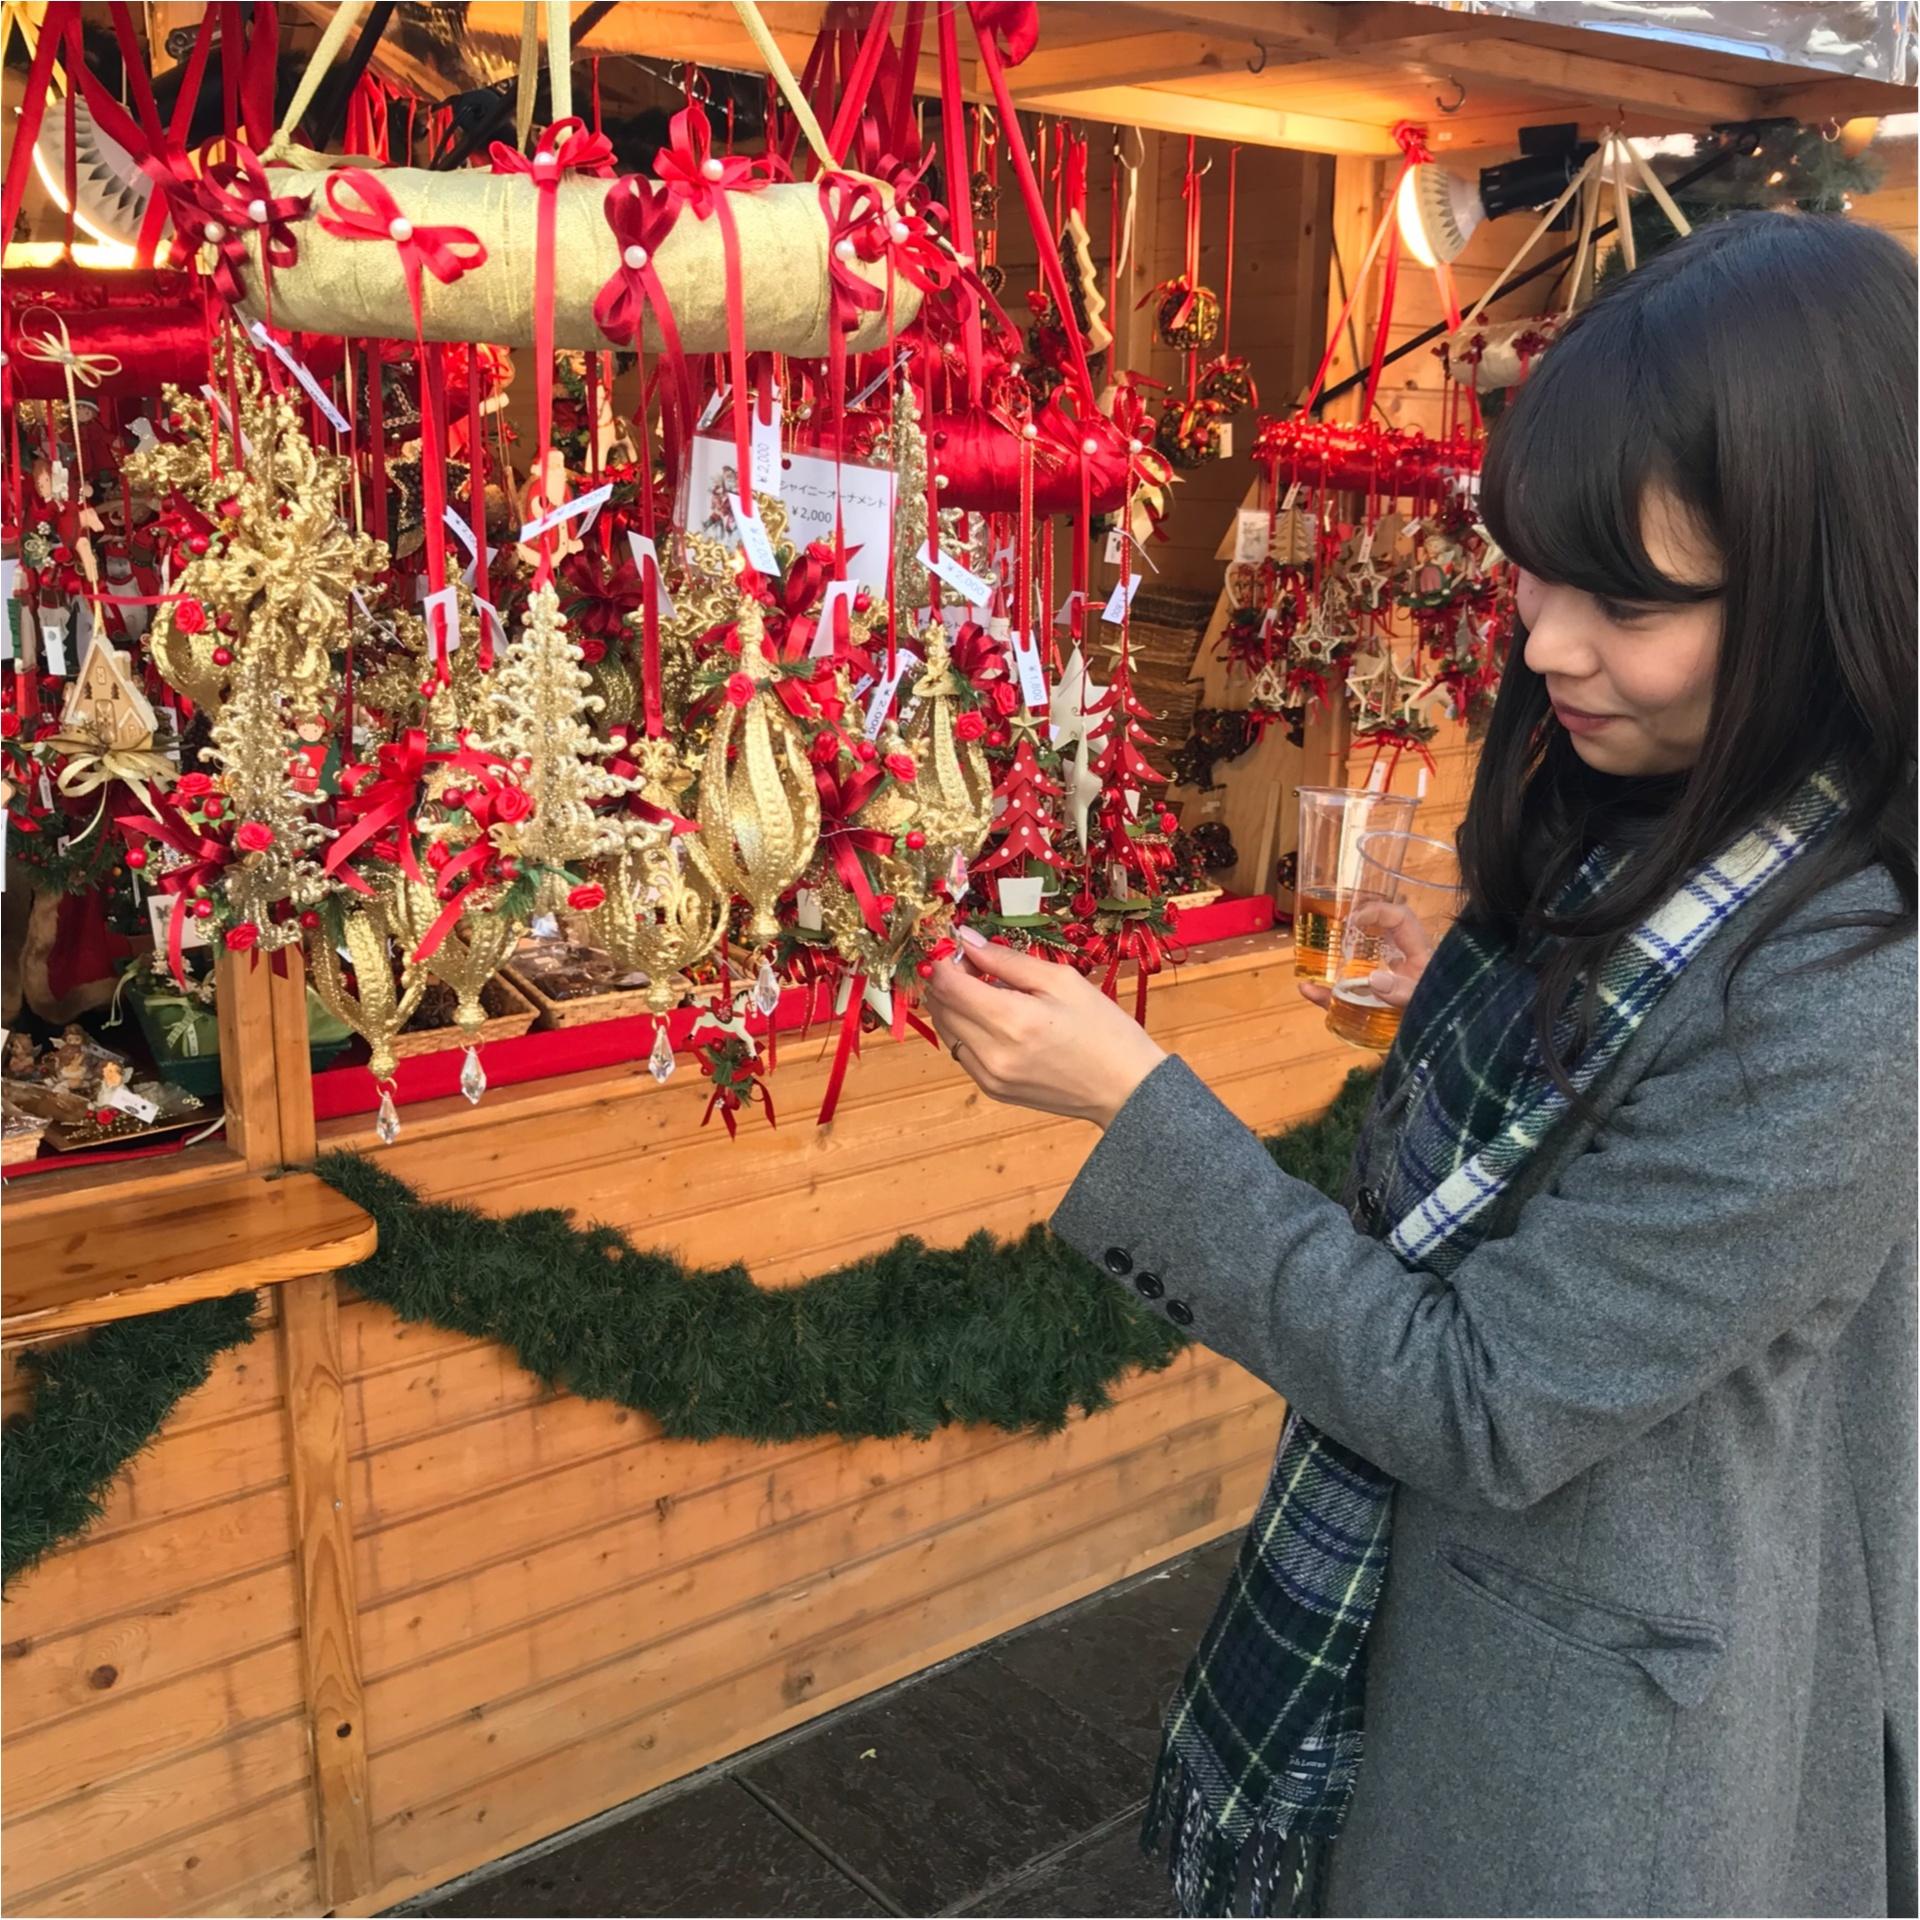 ★このシーズンには欠かせない、おすすめデートスポット♡それが『クリスマスマーケット』★_2